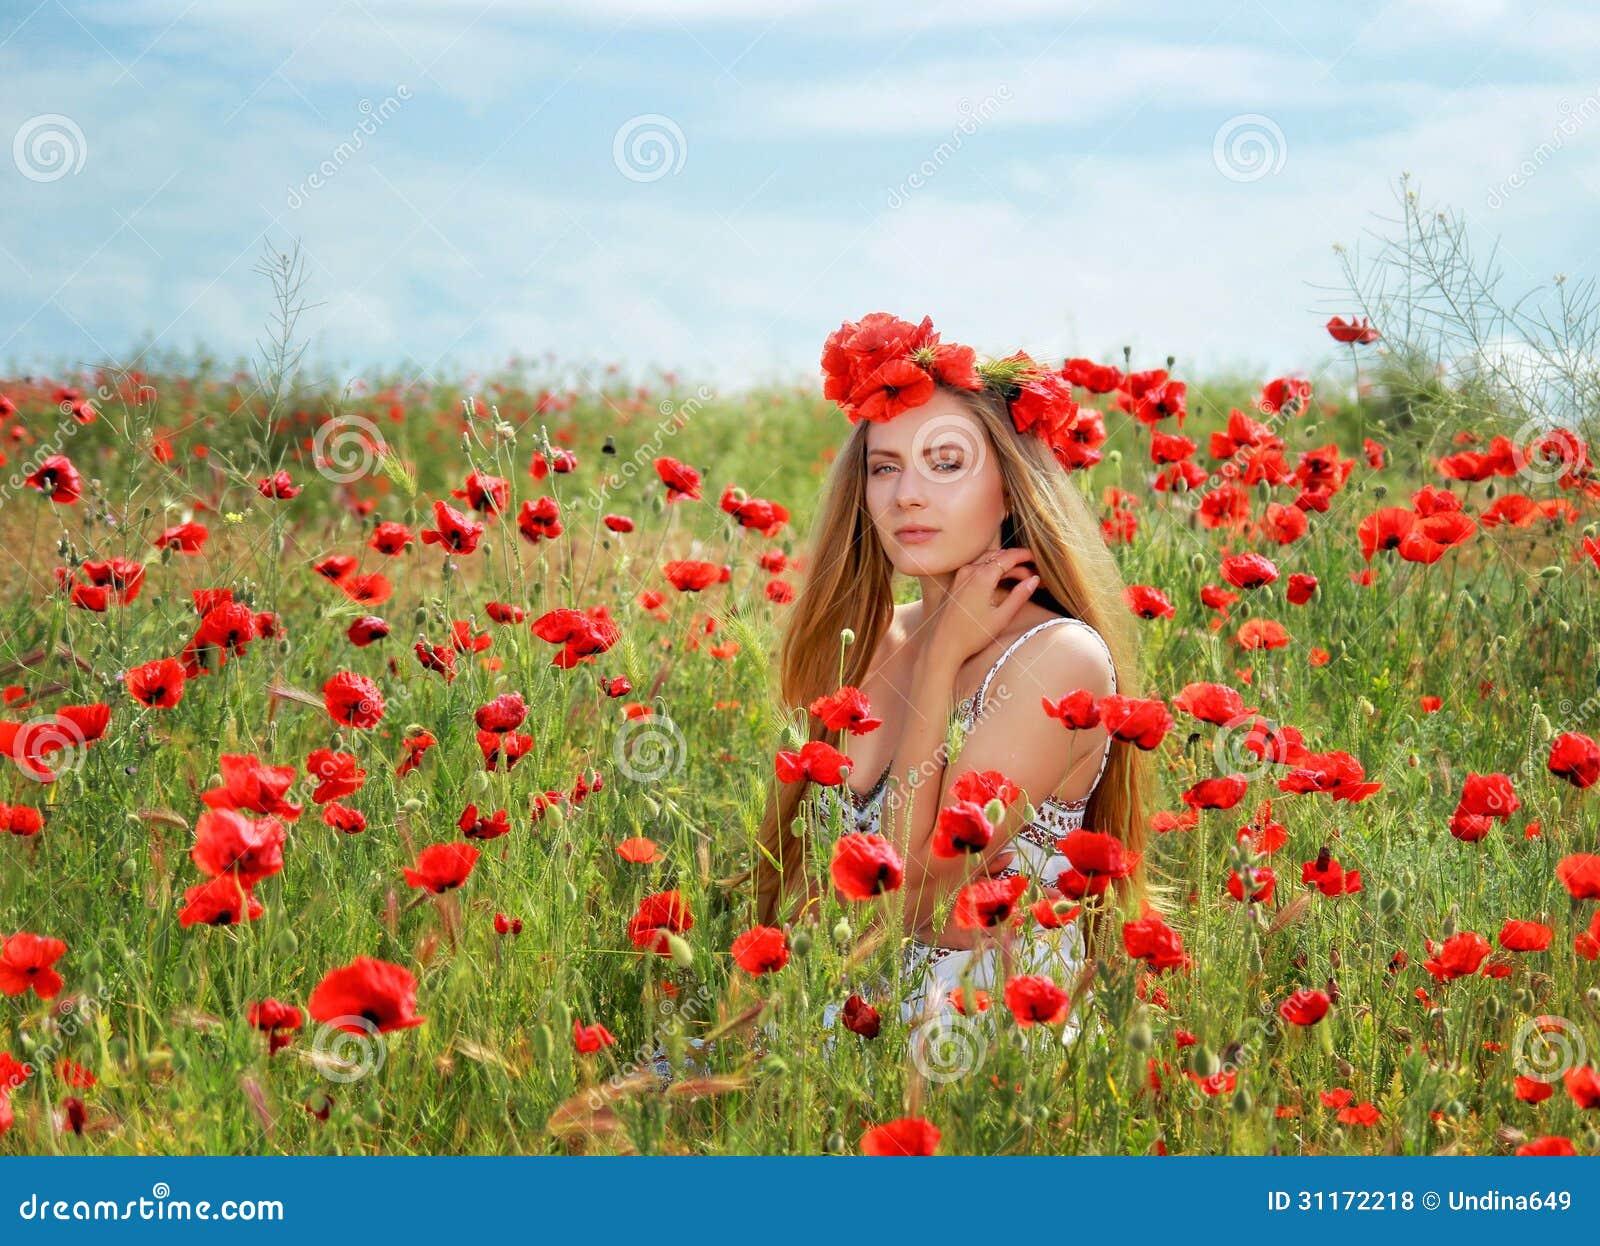 girl walking in poppy field stock photo image of hair field 31172218